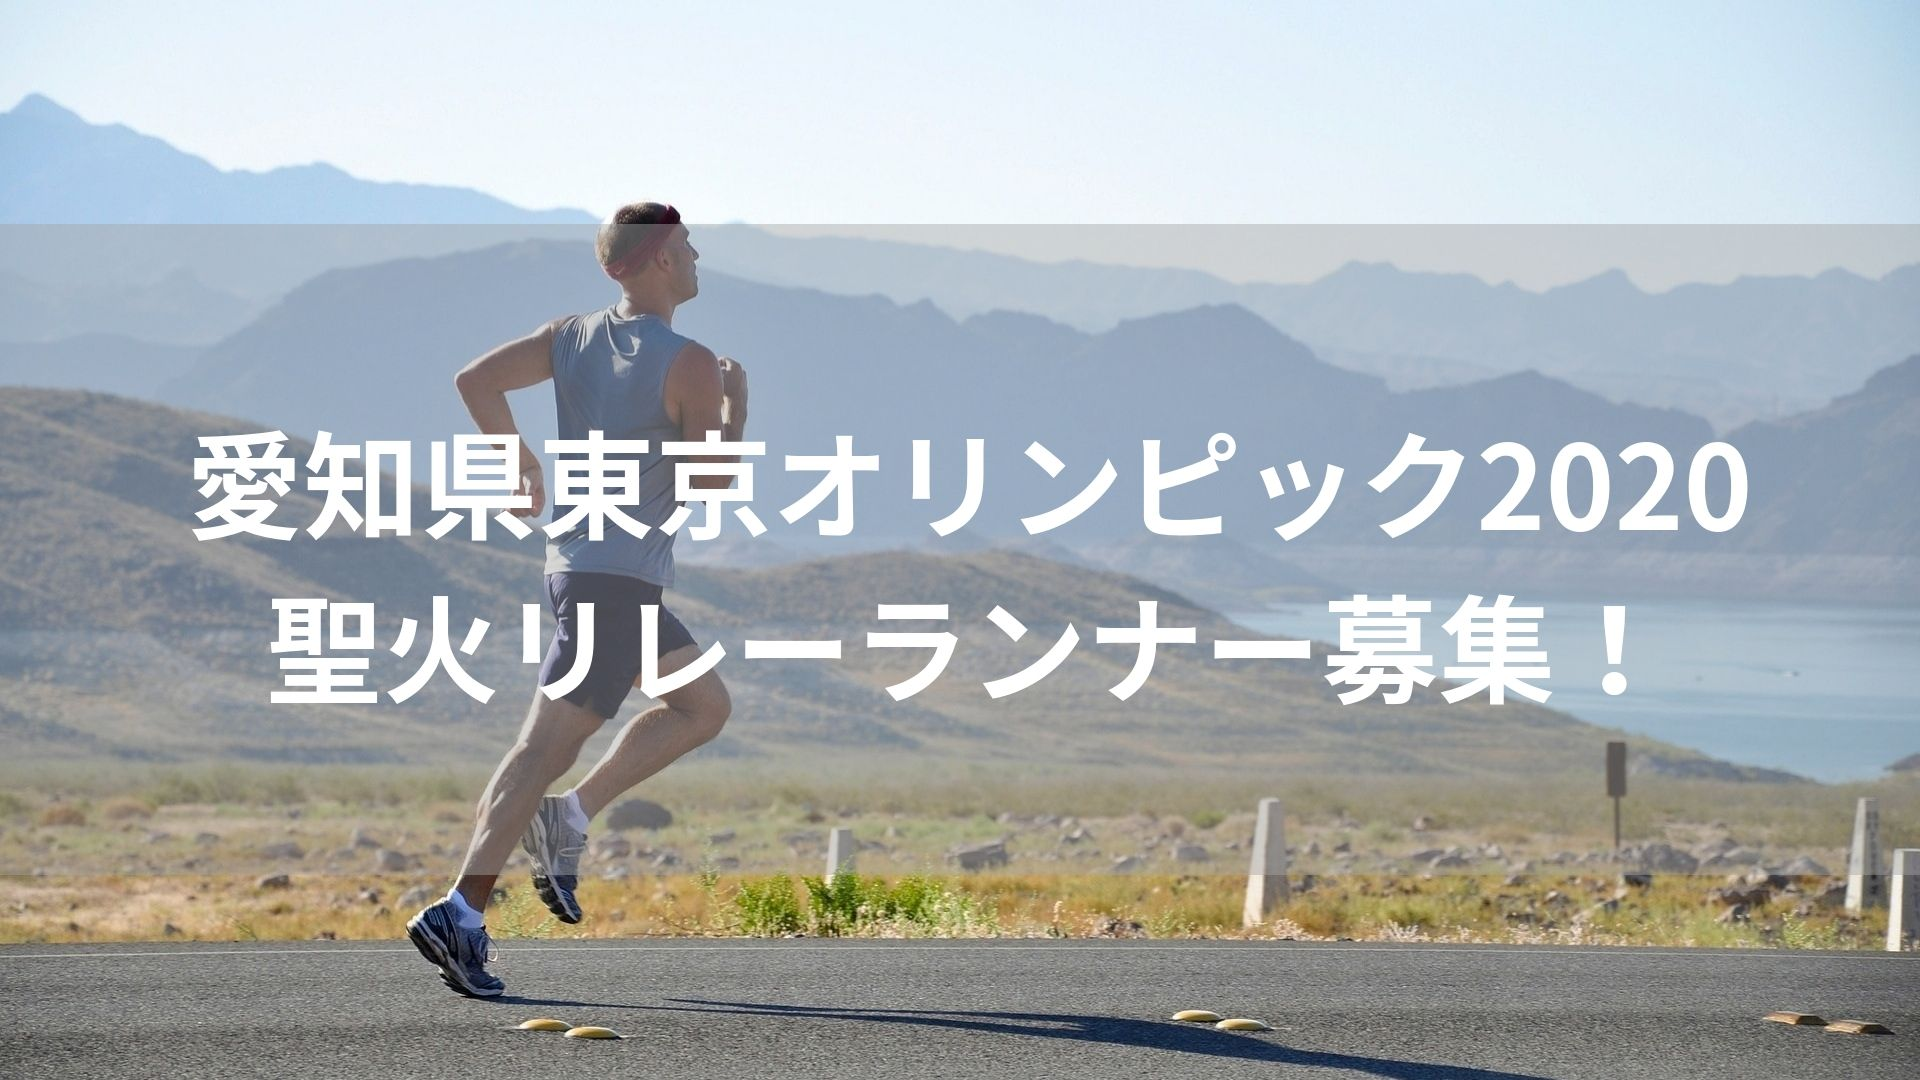 愛知県聖火ランナー募集